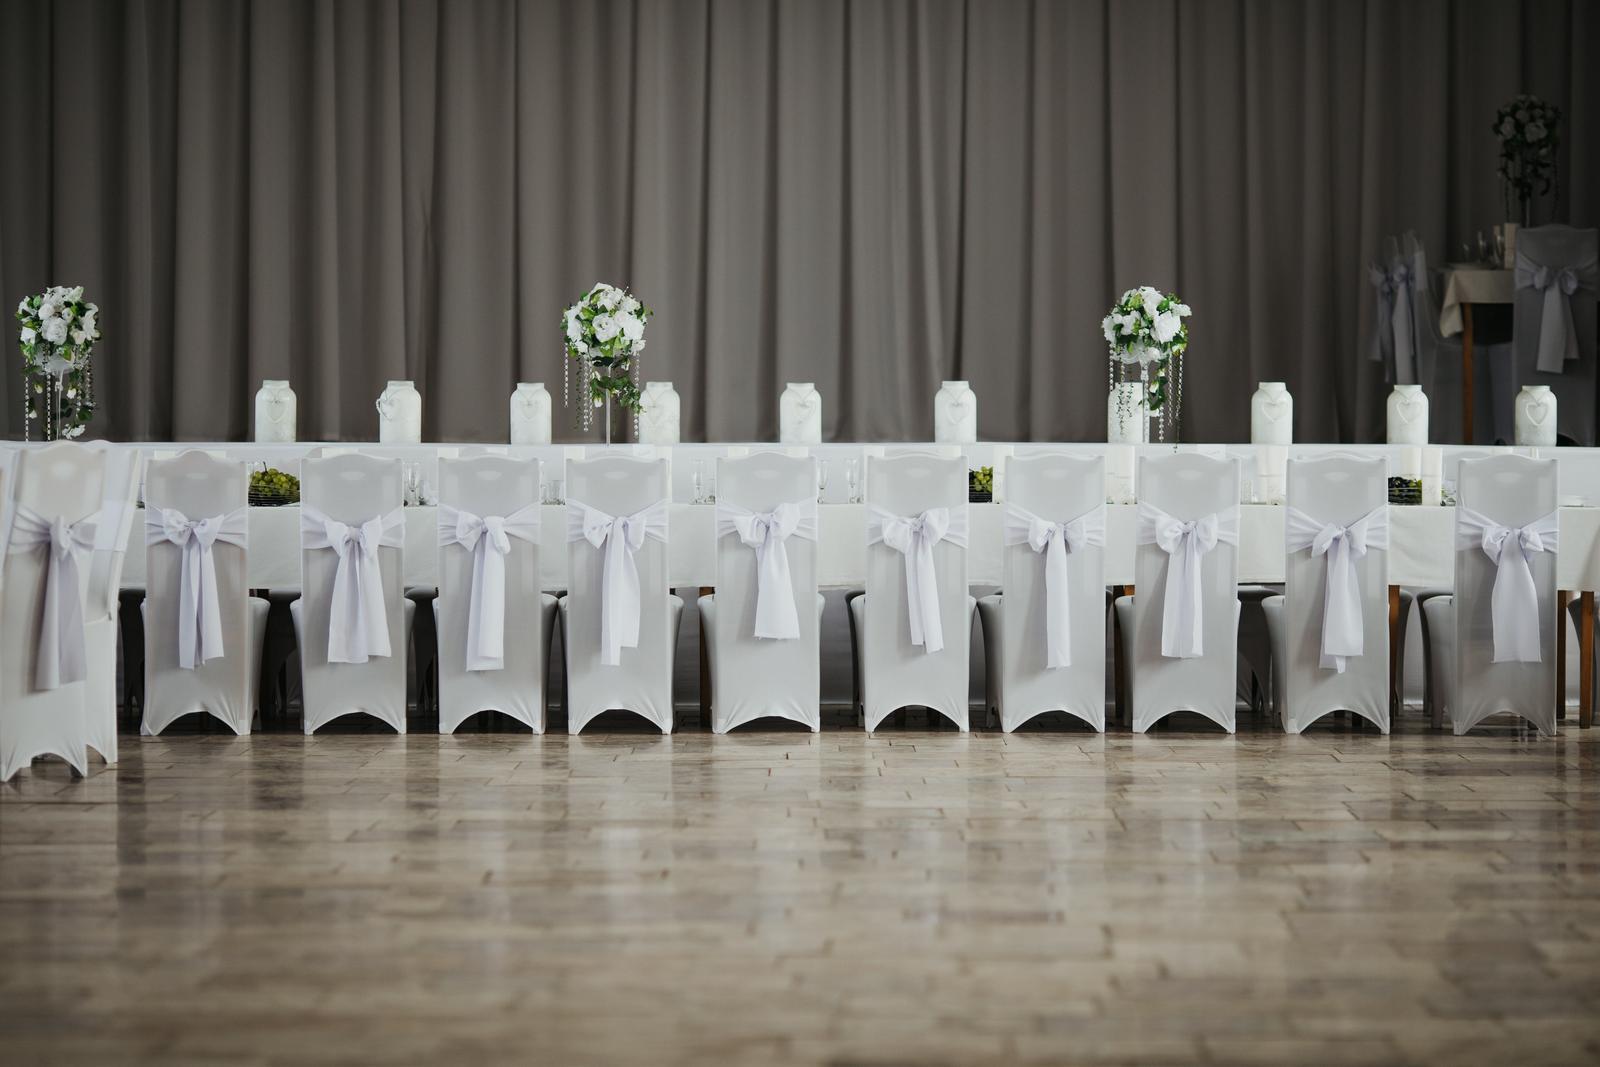 Naša výzdoba - náš najkrajší deň :-) - Jeden dlhokánsky stôl pre družbov a družičky :-)